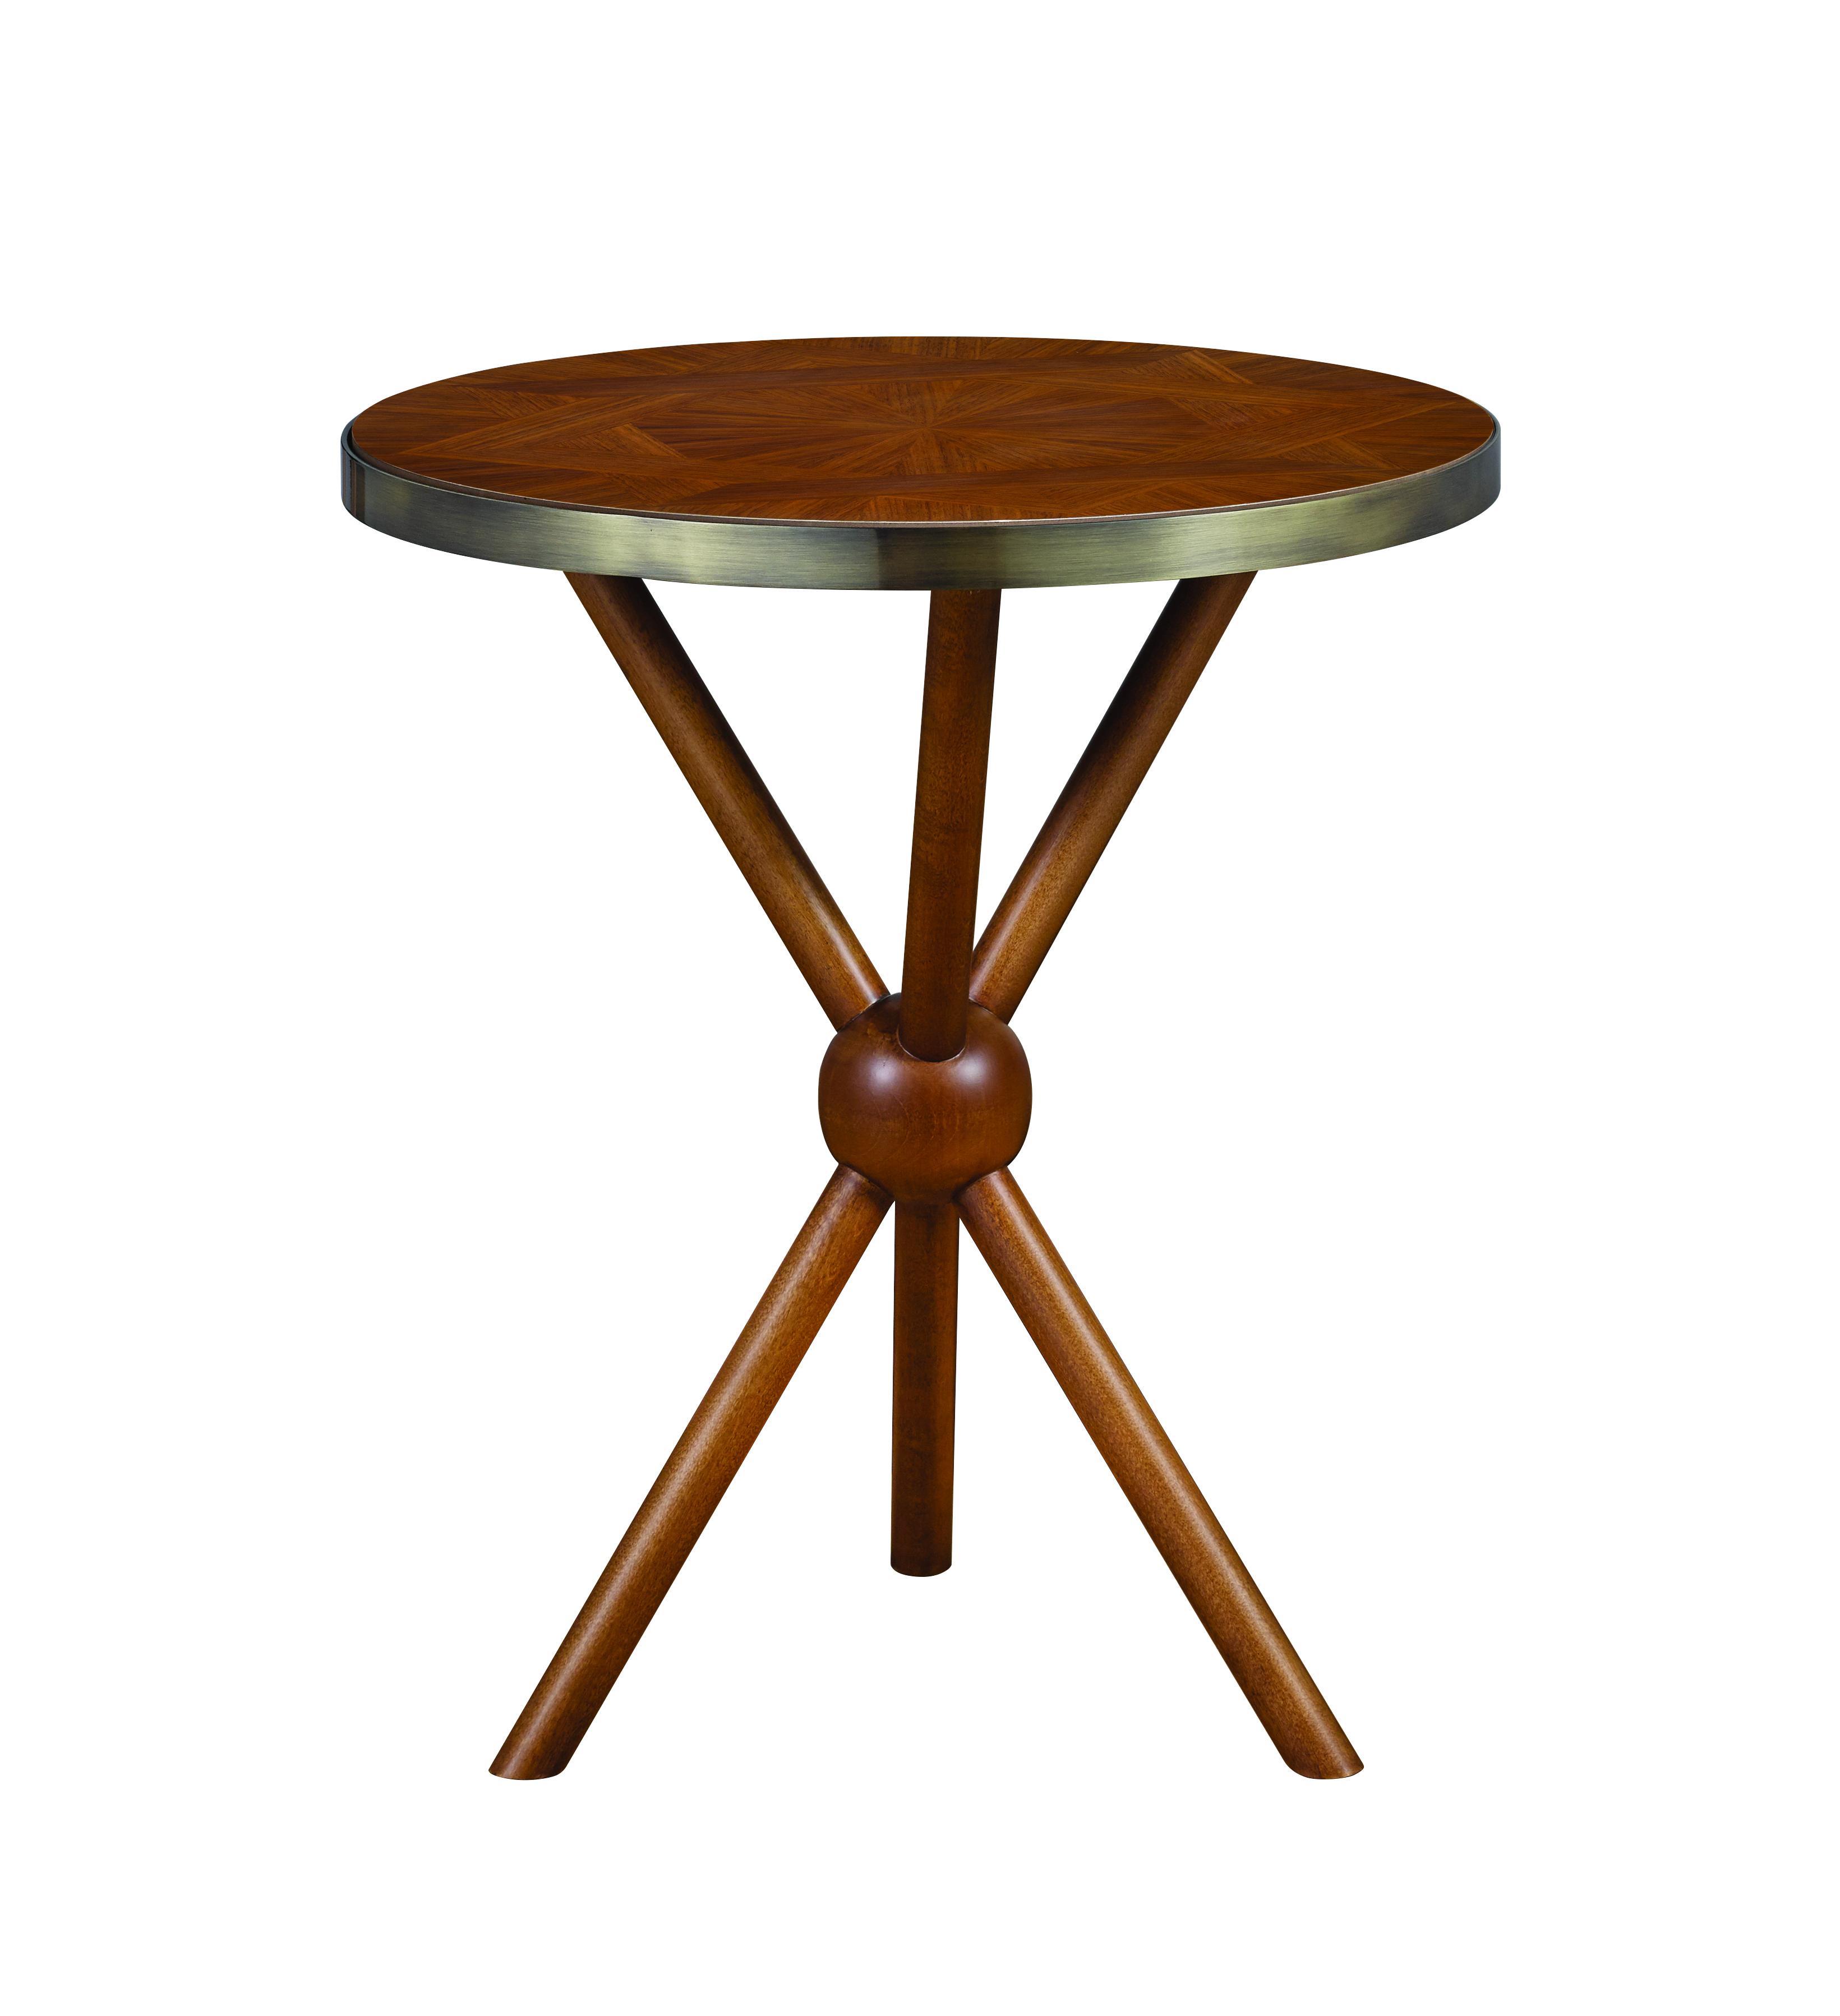 Twin Star Home Trompe L'oeil spot table